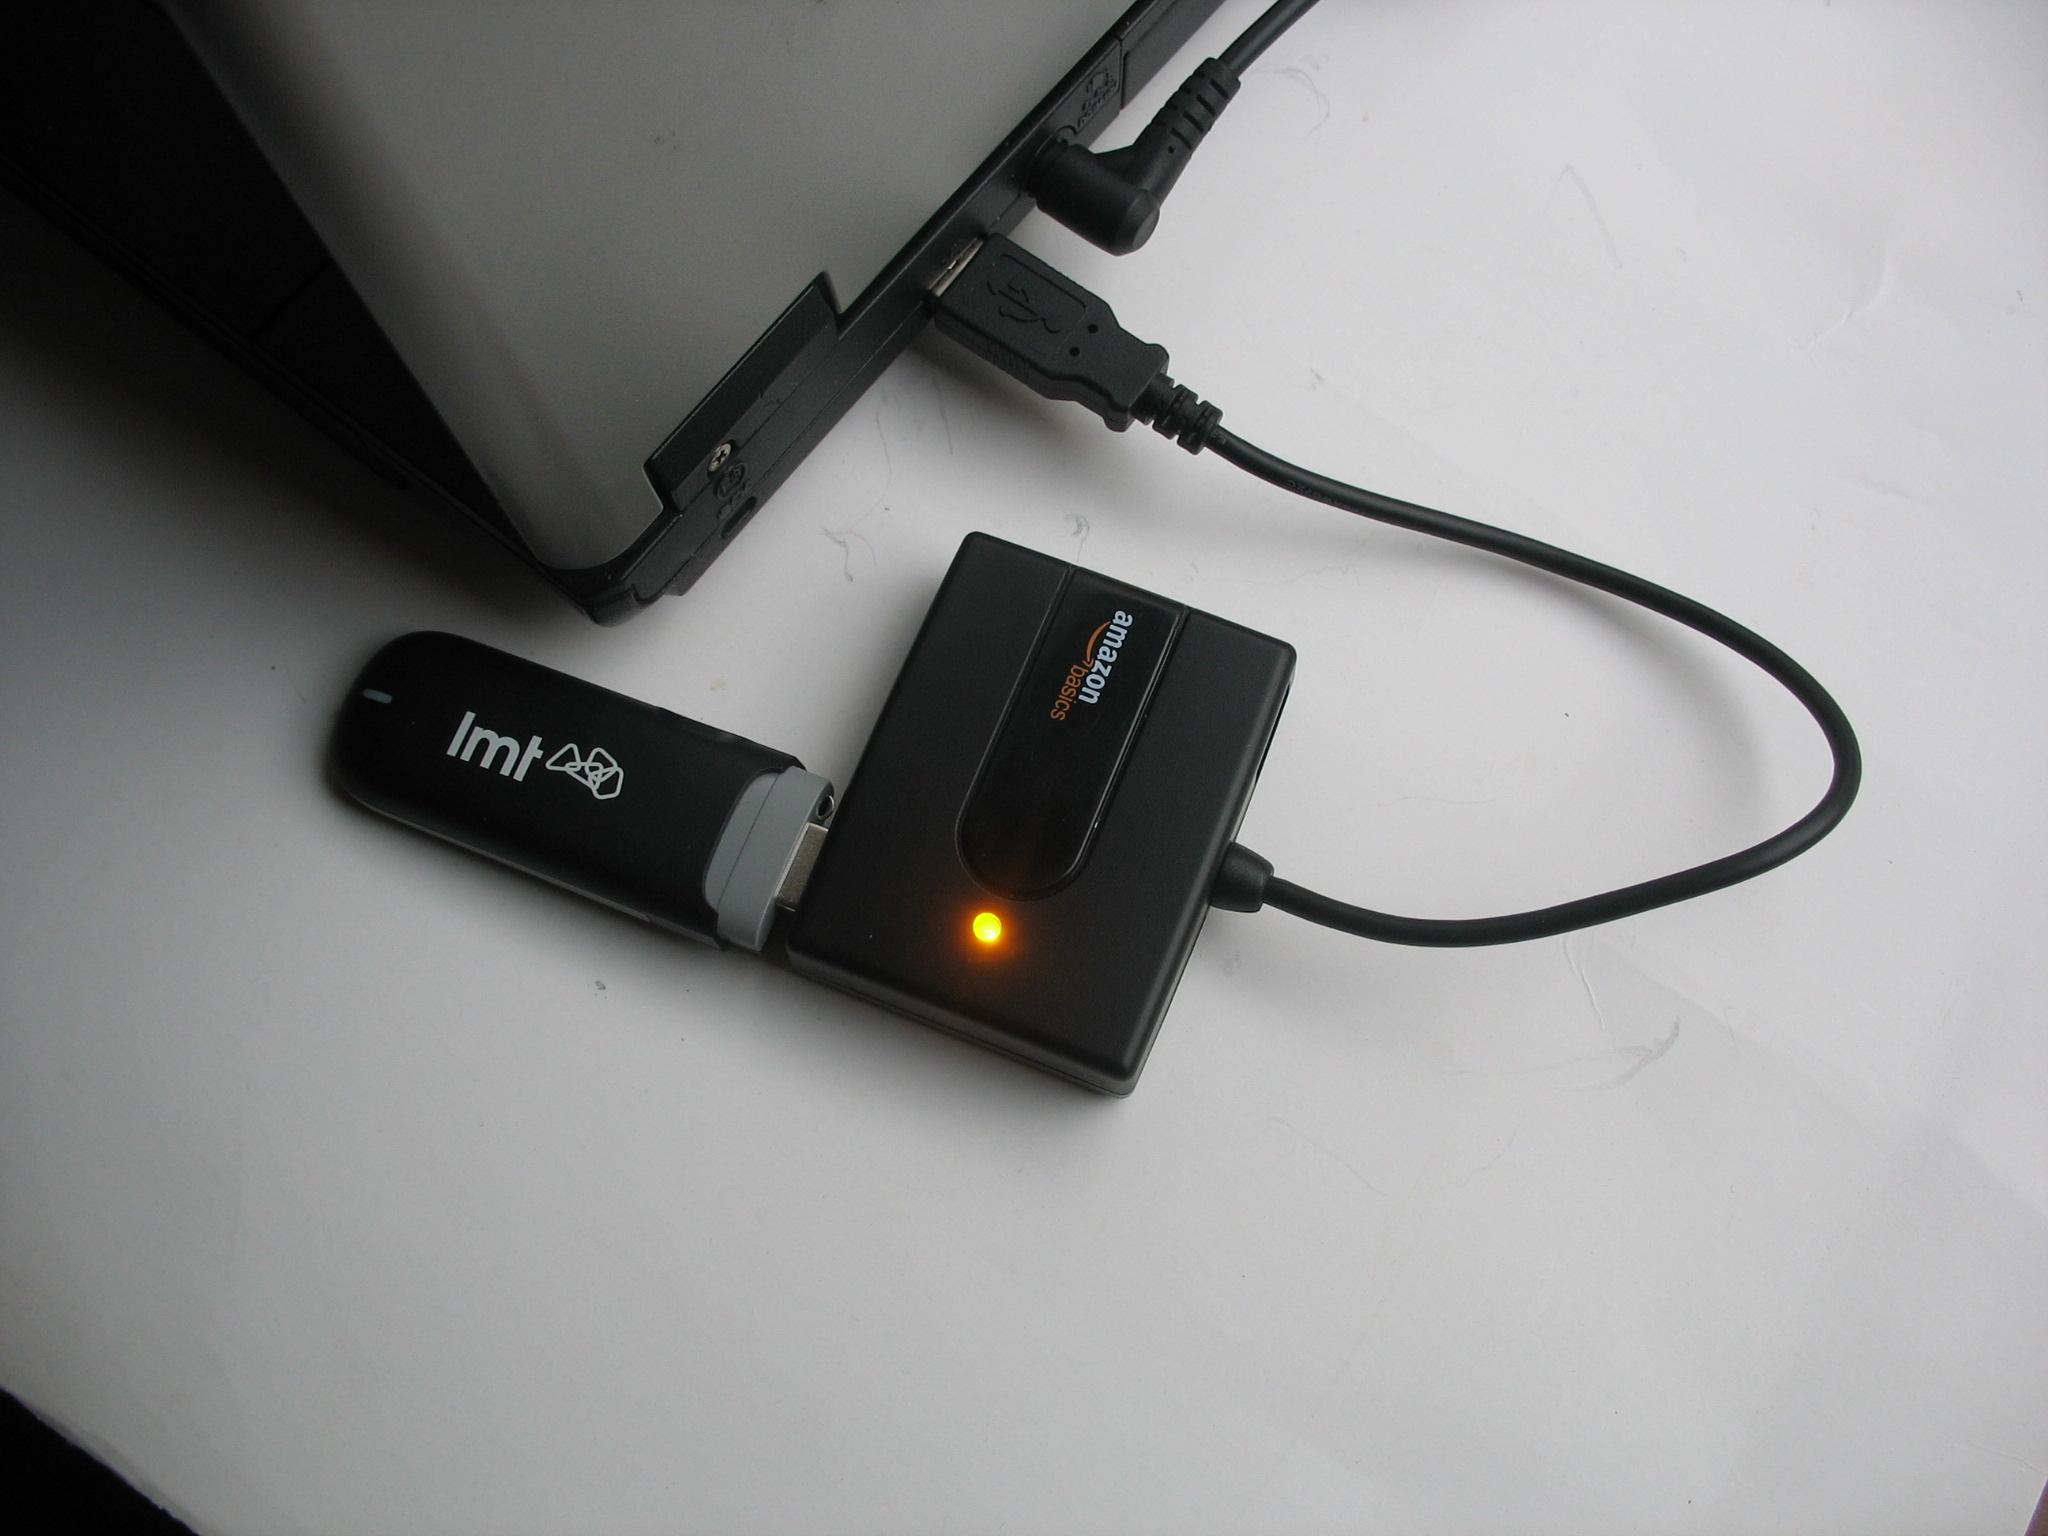 Toshiba L30-10W - Toshiba L30-10W k�opotyz USB